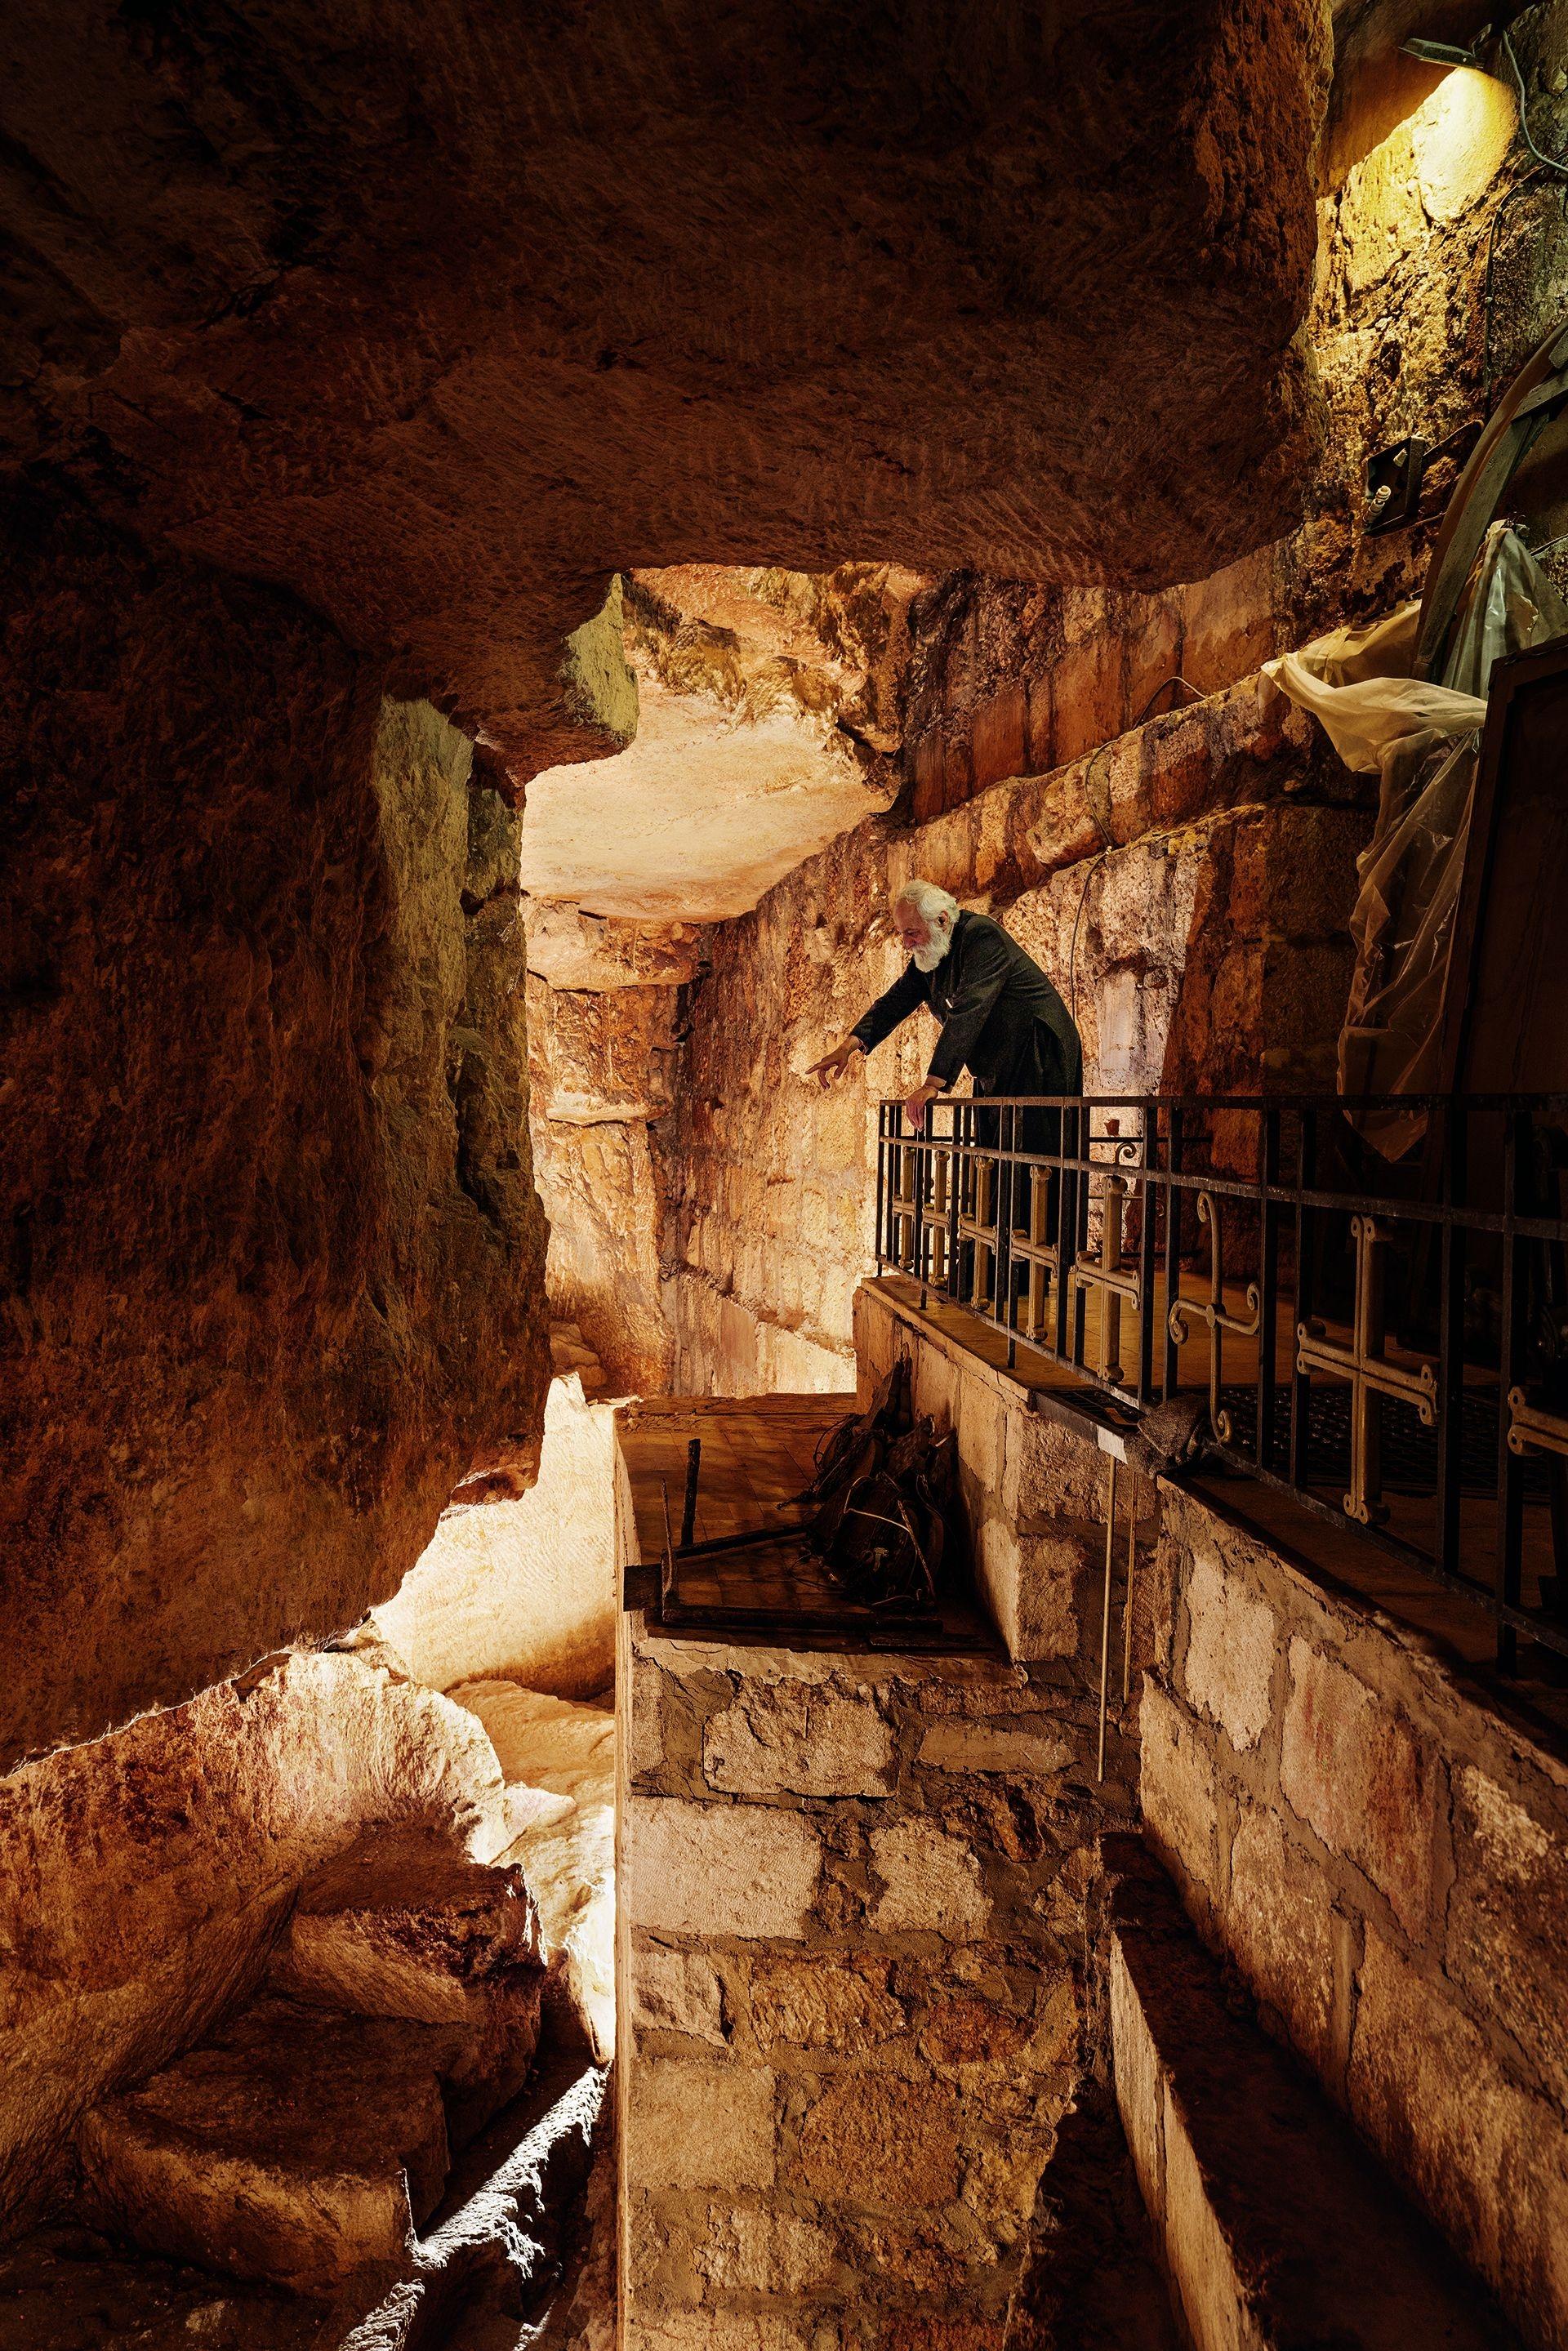 在耶路撒冷基督徒區的聖墓教堂底下,山繆.艾格彥神父俯看一座採石場;在耶穌的年代,它是座猶太墓園。附近有座岩石露頭因被當作「各各他」而受到崇拜,那是耶穌被釘上十字架的小山。攝影:賽門.諾佛克 SIMON NORFOLK